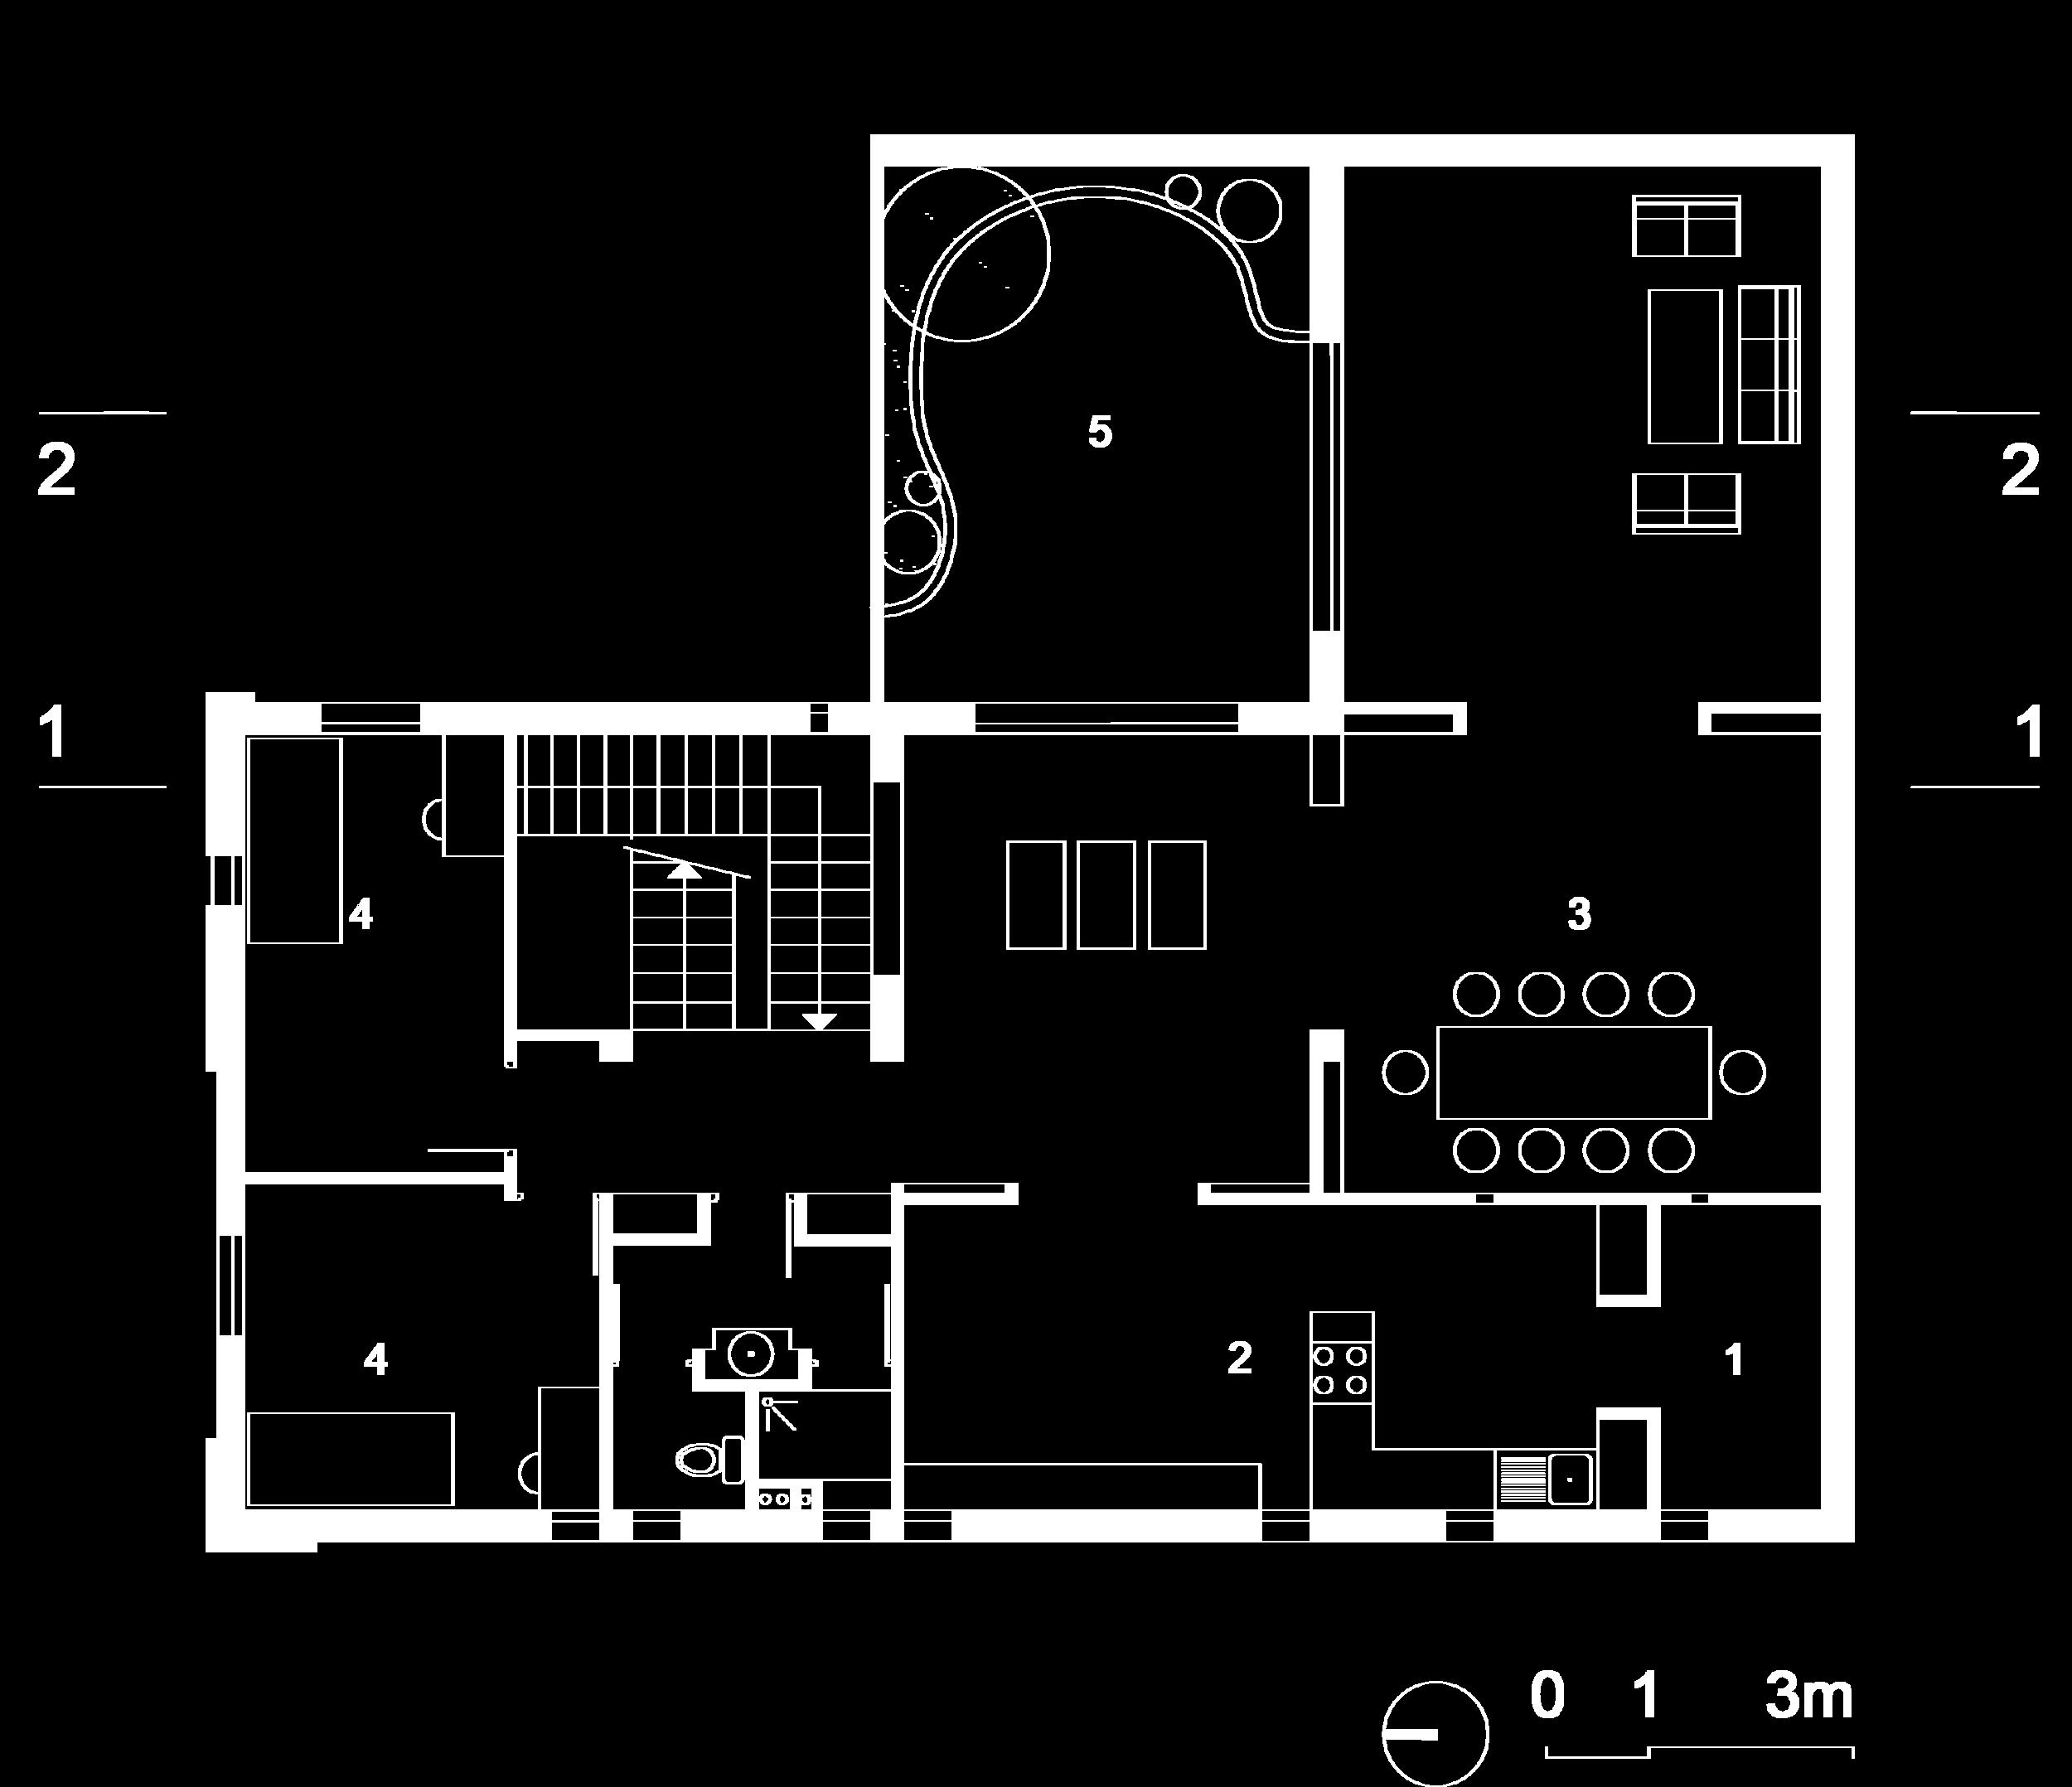 Plan du premier étage :  1- Cellier, 2-Cuisine, 3-salon, 4-Chambre, 5-Patio jardin.